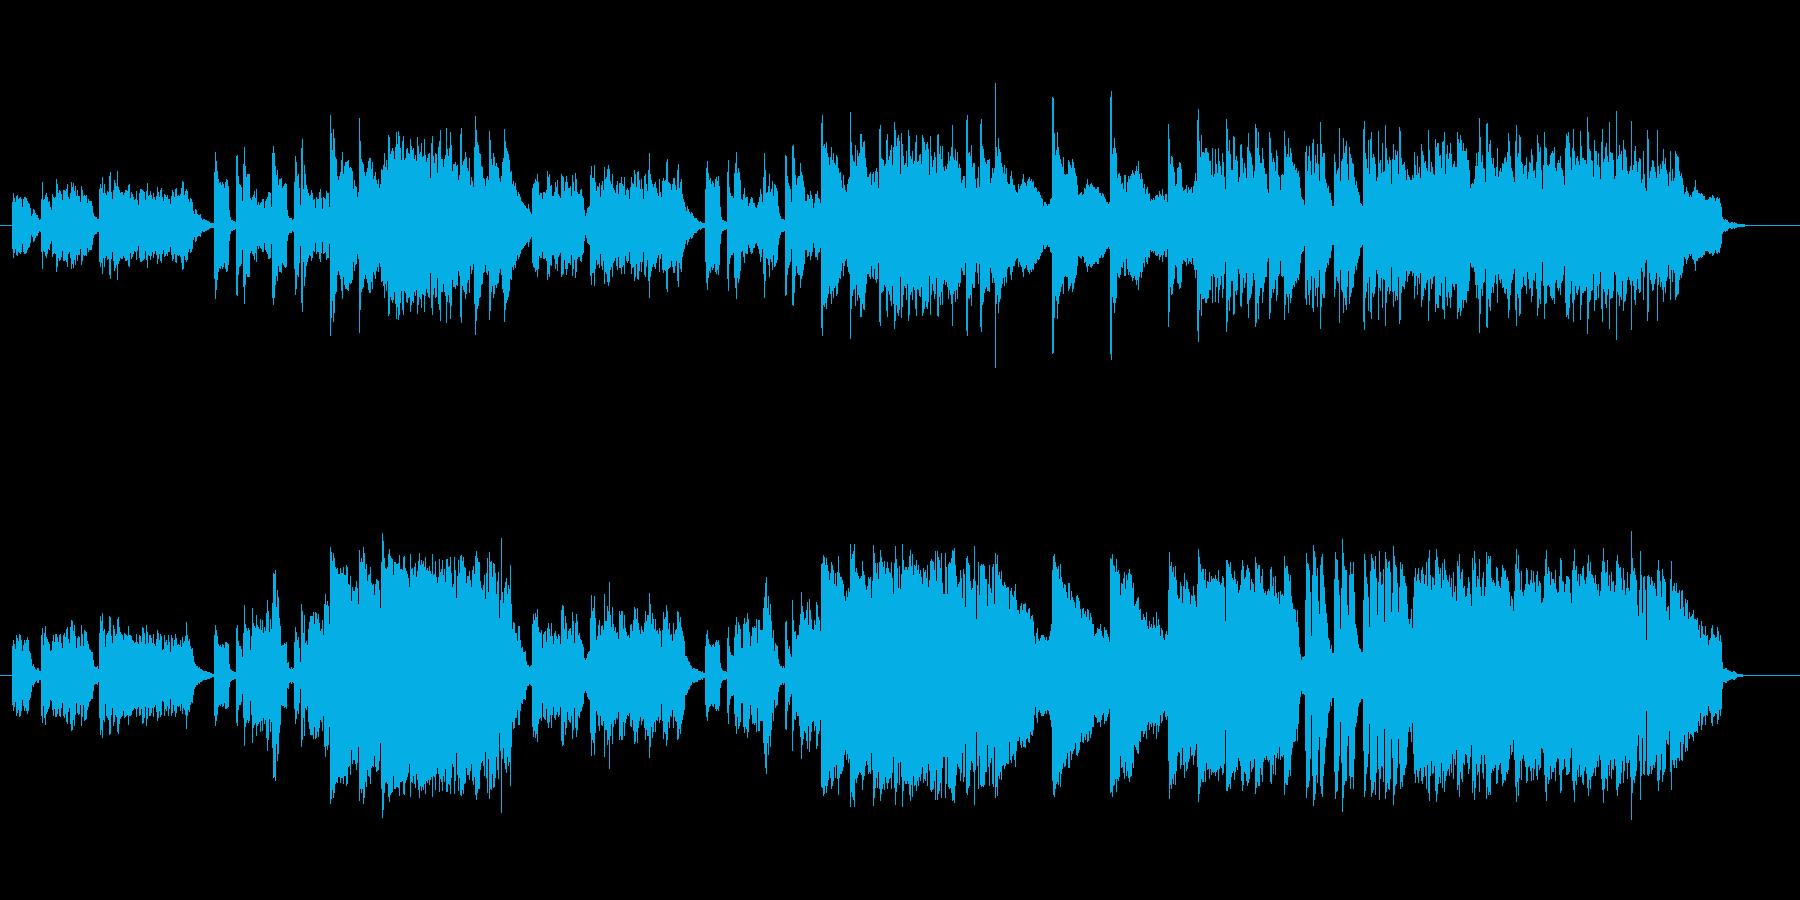 コミカルな結婚式風BGMの再生済みの波形